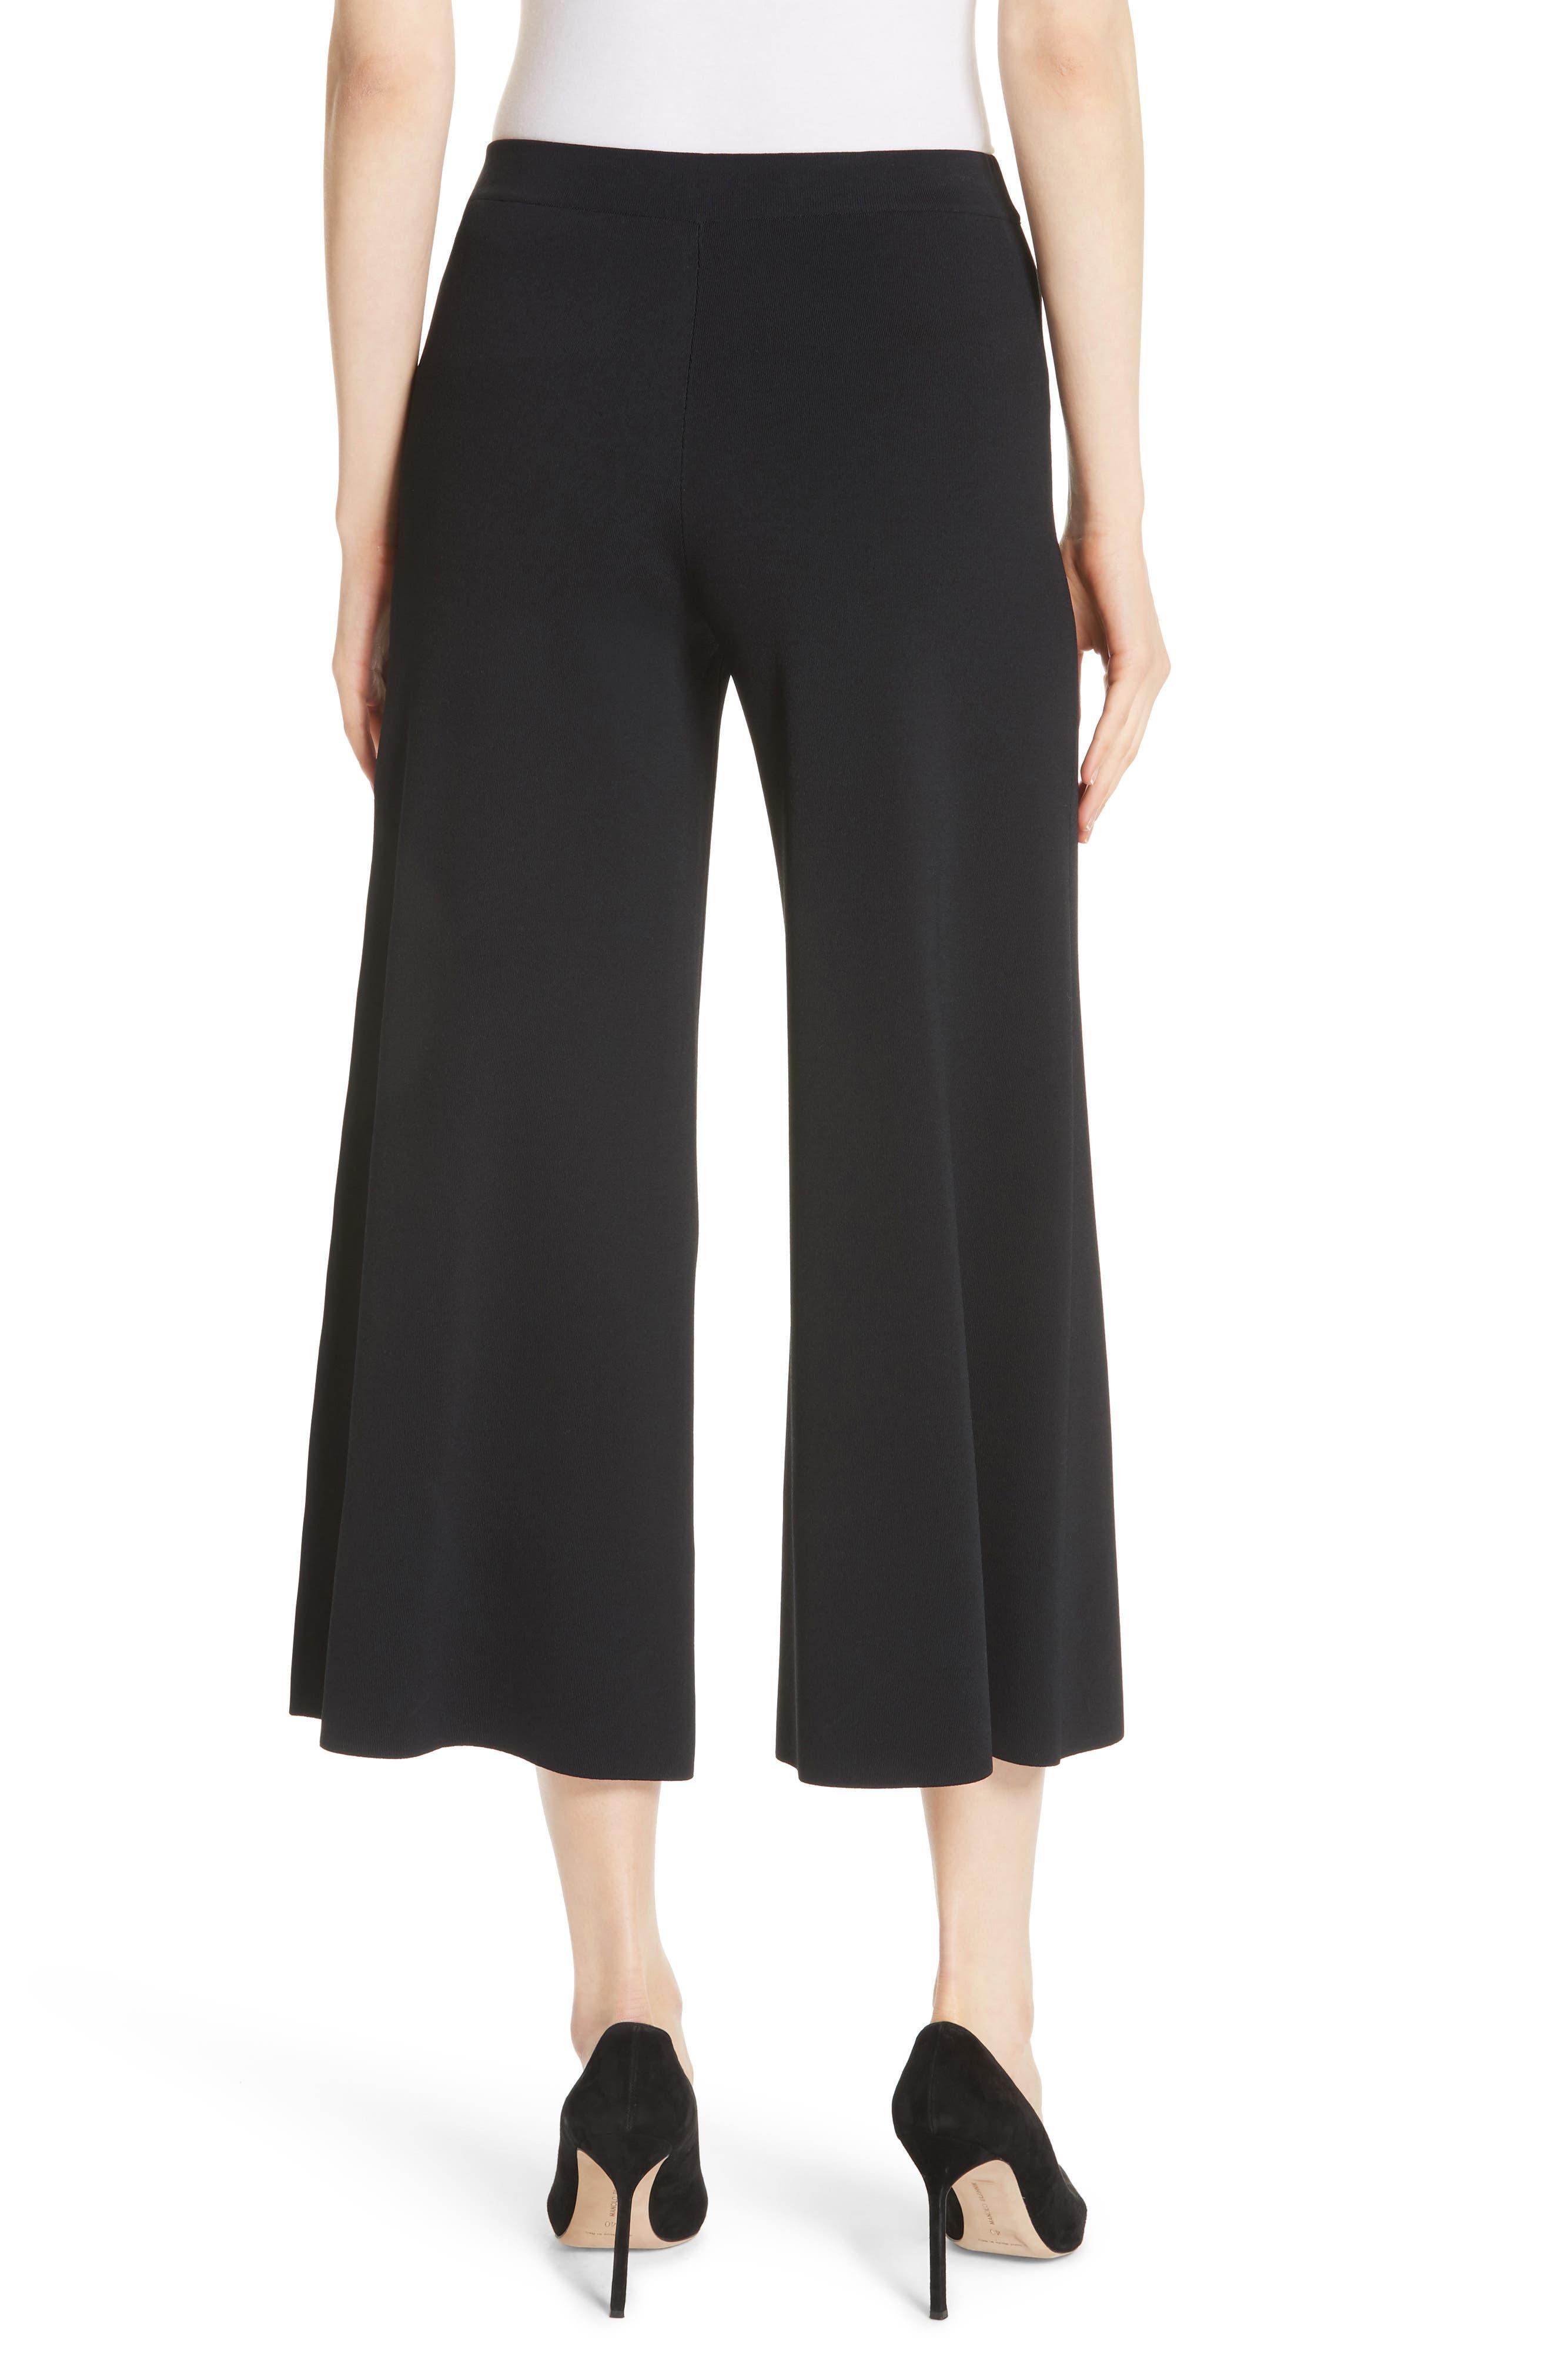 Henriet K Lustrate Wide Leg Crop Pants,                             Alternate thumbnail 2, color,                             Black